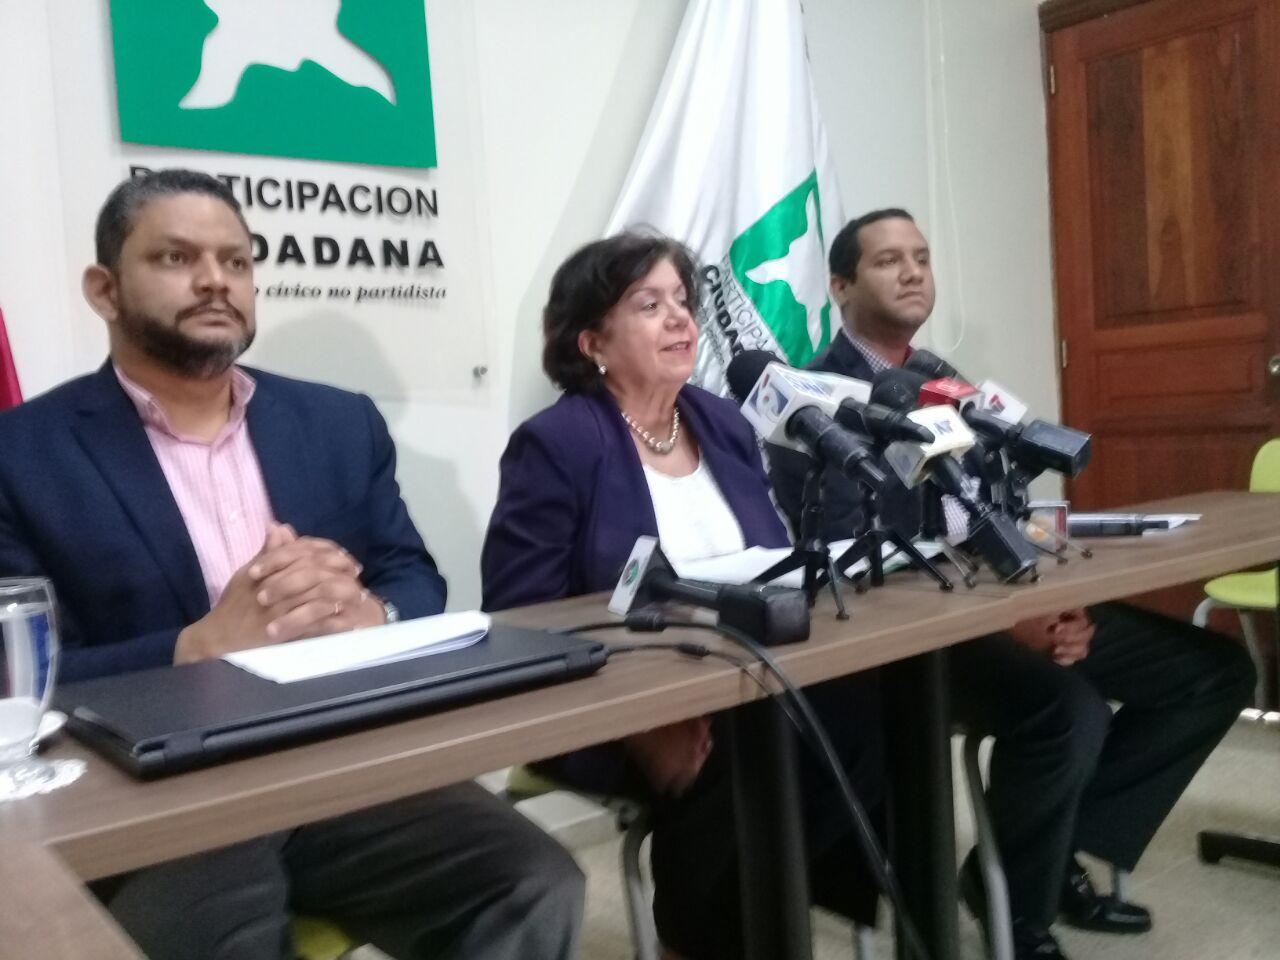 Participación Ciudadana rechaza ley partidos con primarias abiertas